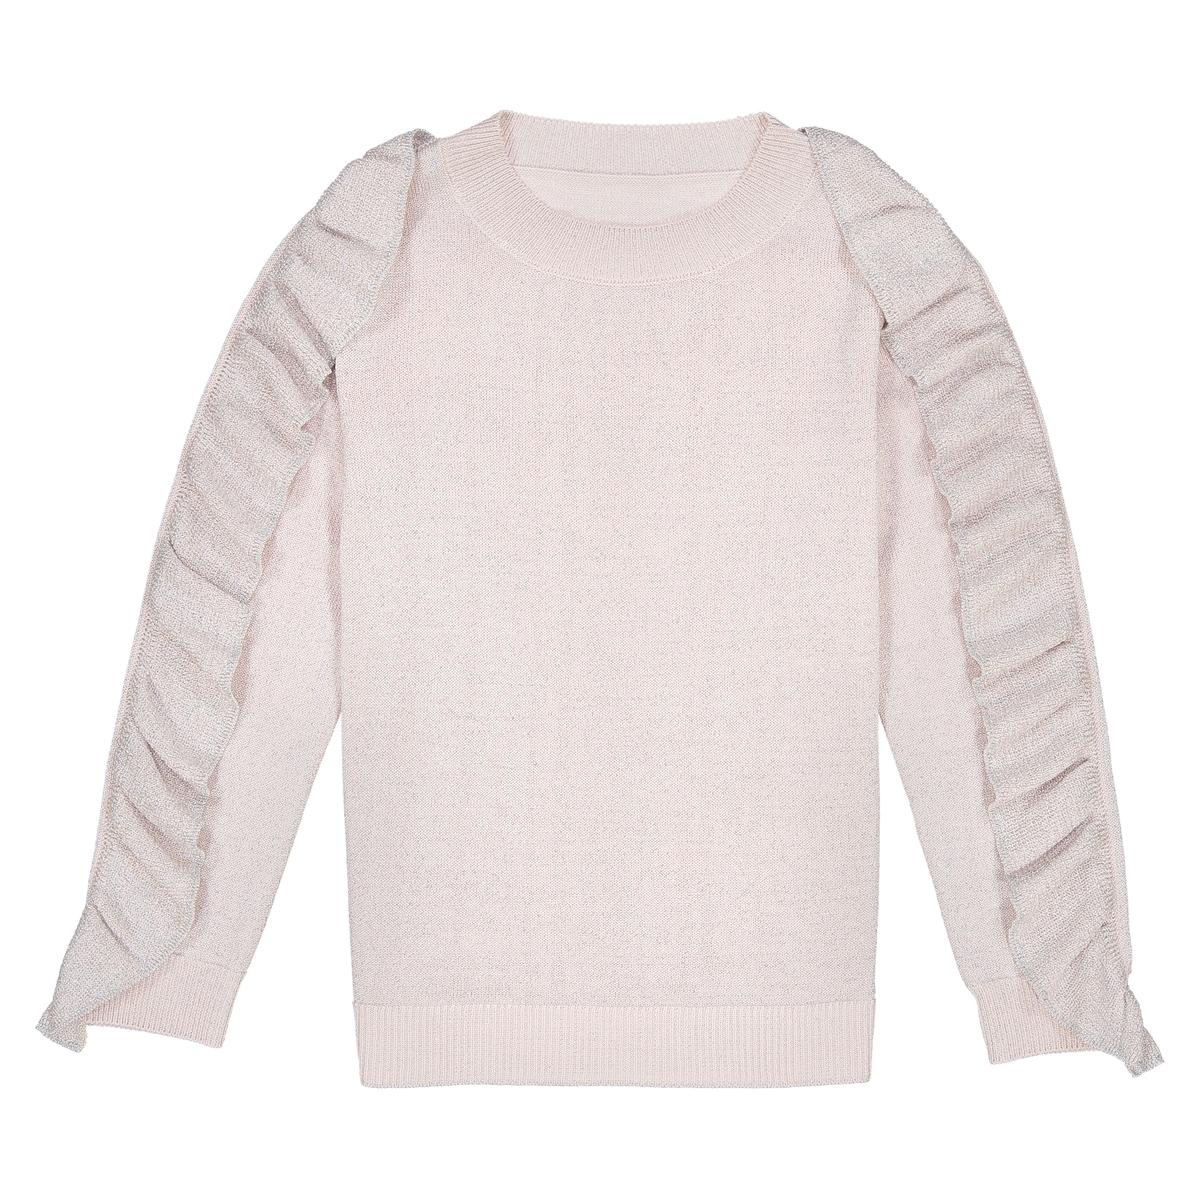 Пуловер La Redoute Из тонкого блестящего трикотажа 10 лет - 138 см розовый наволочка la redoute из хлопковой перкали aricha 50 x 70 см розовый